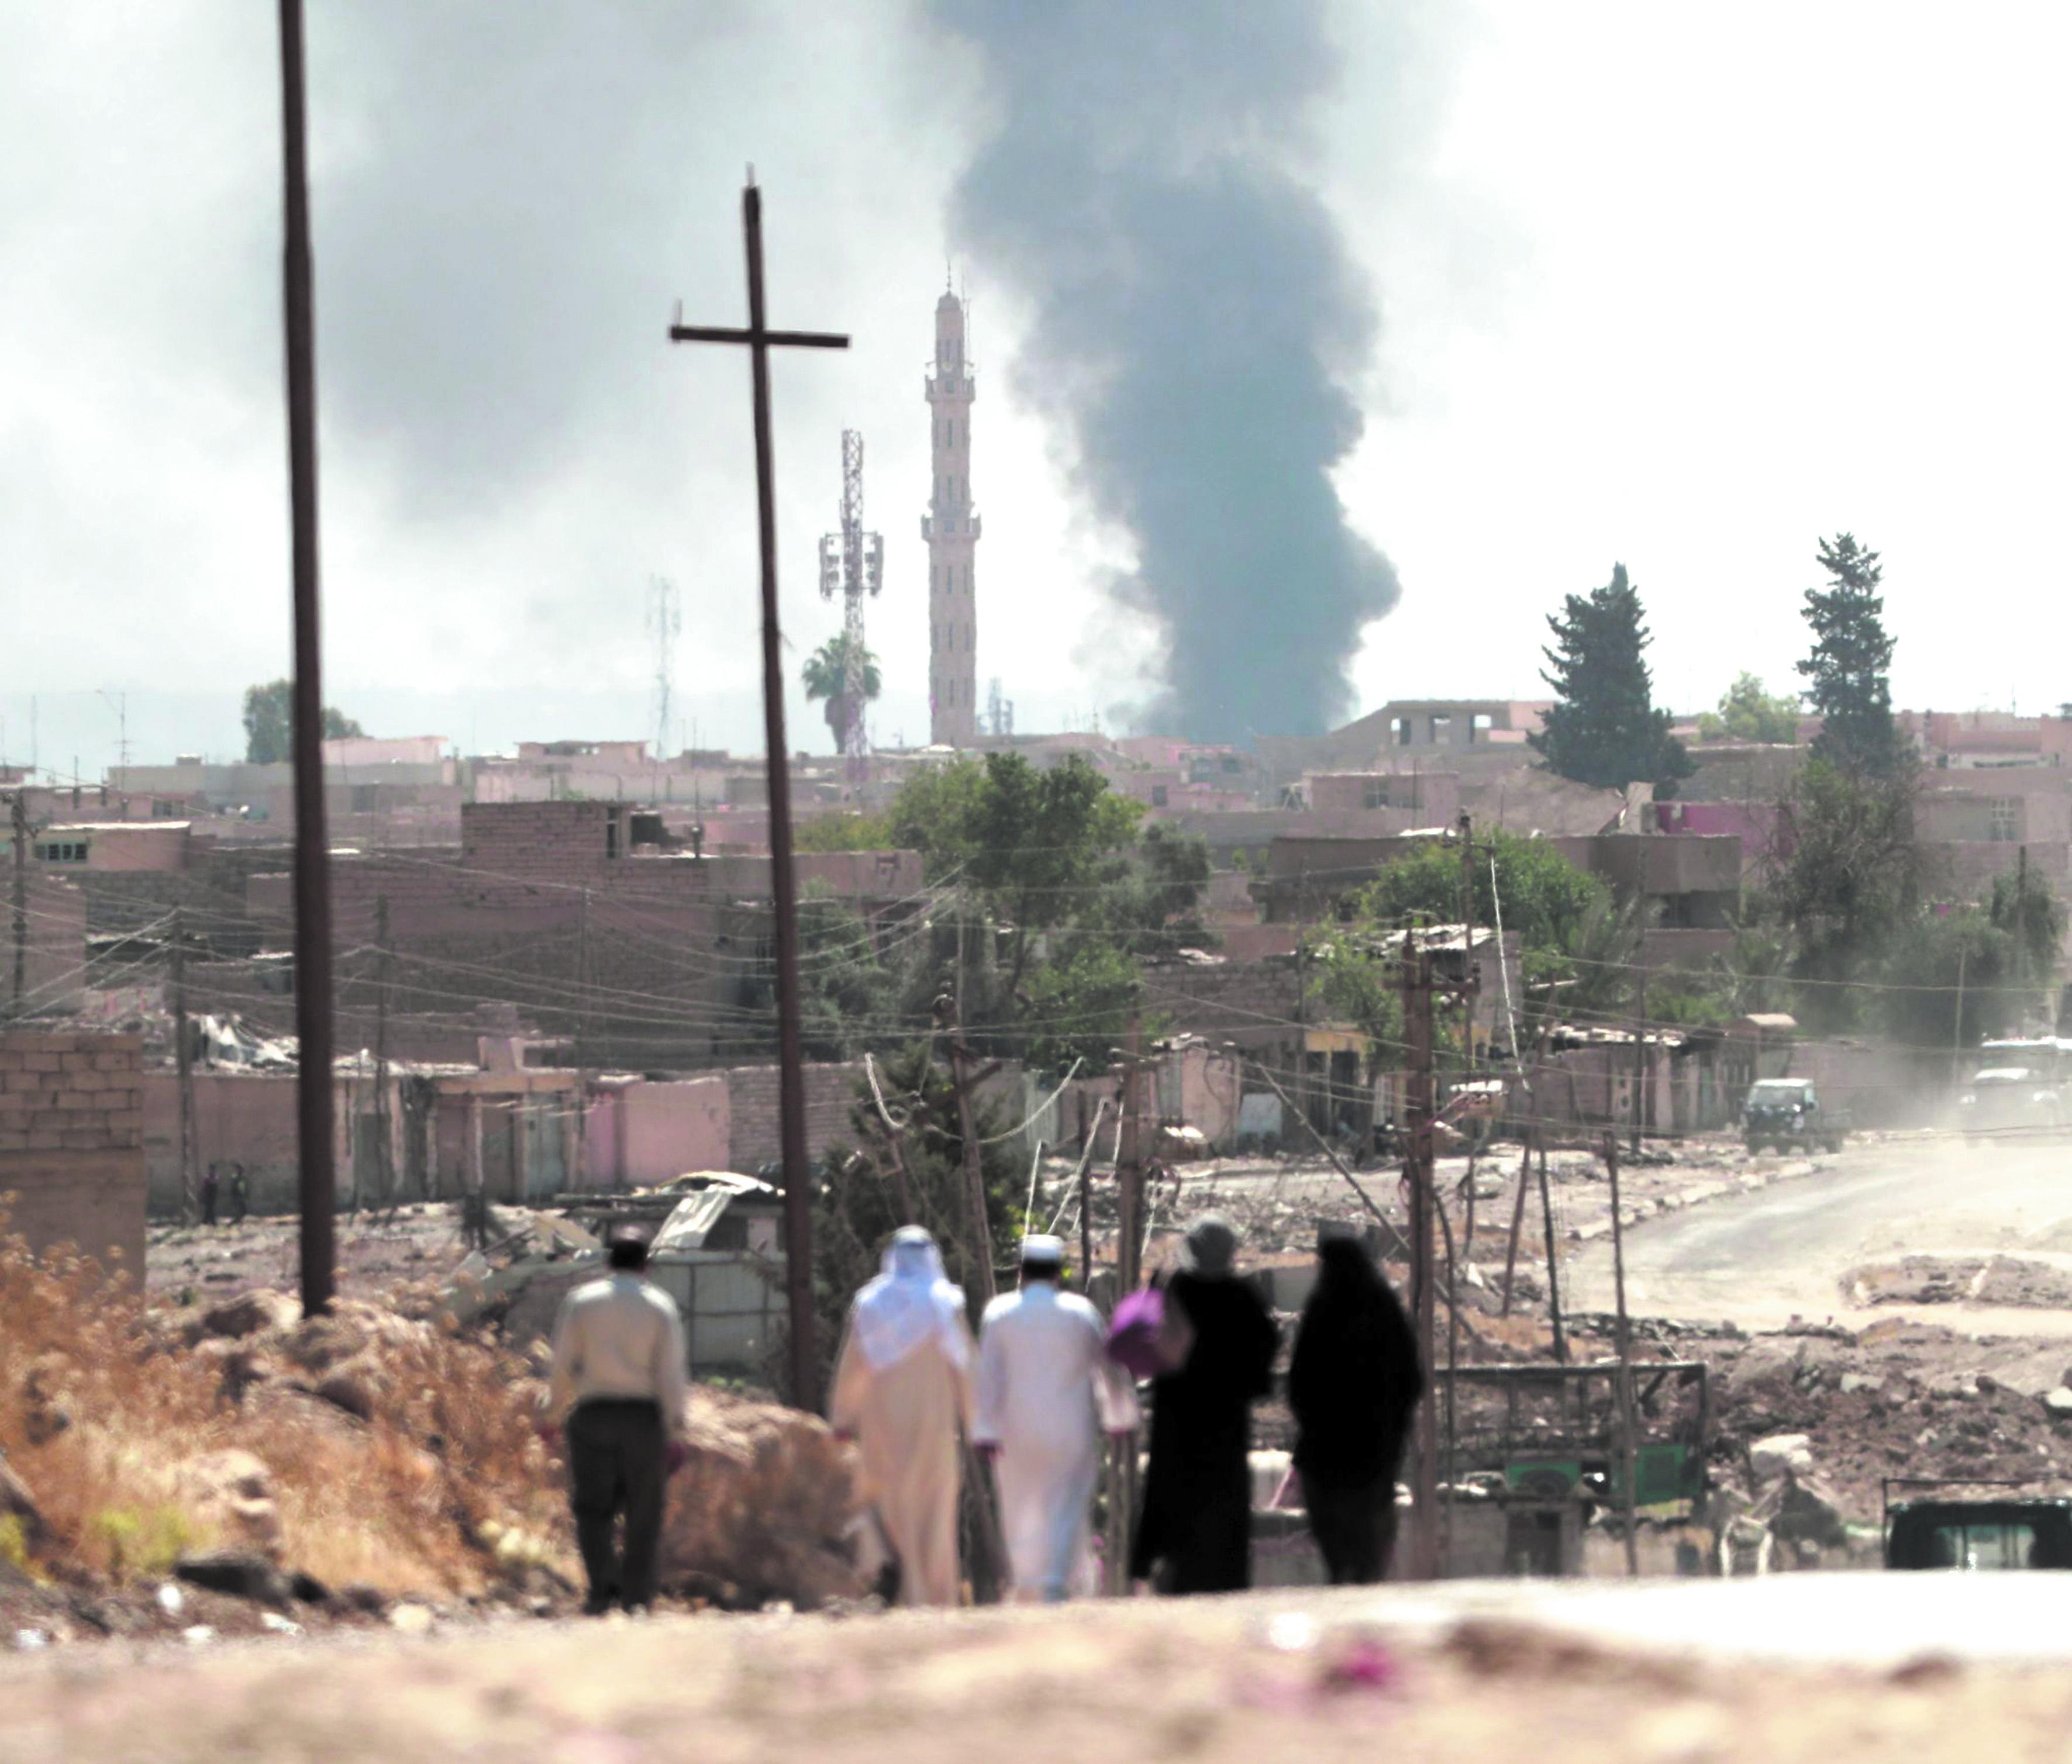 Appel de l'ONU en faveur de la justice et de la réconciliation en Irak